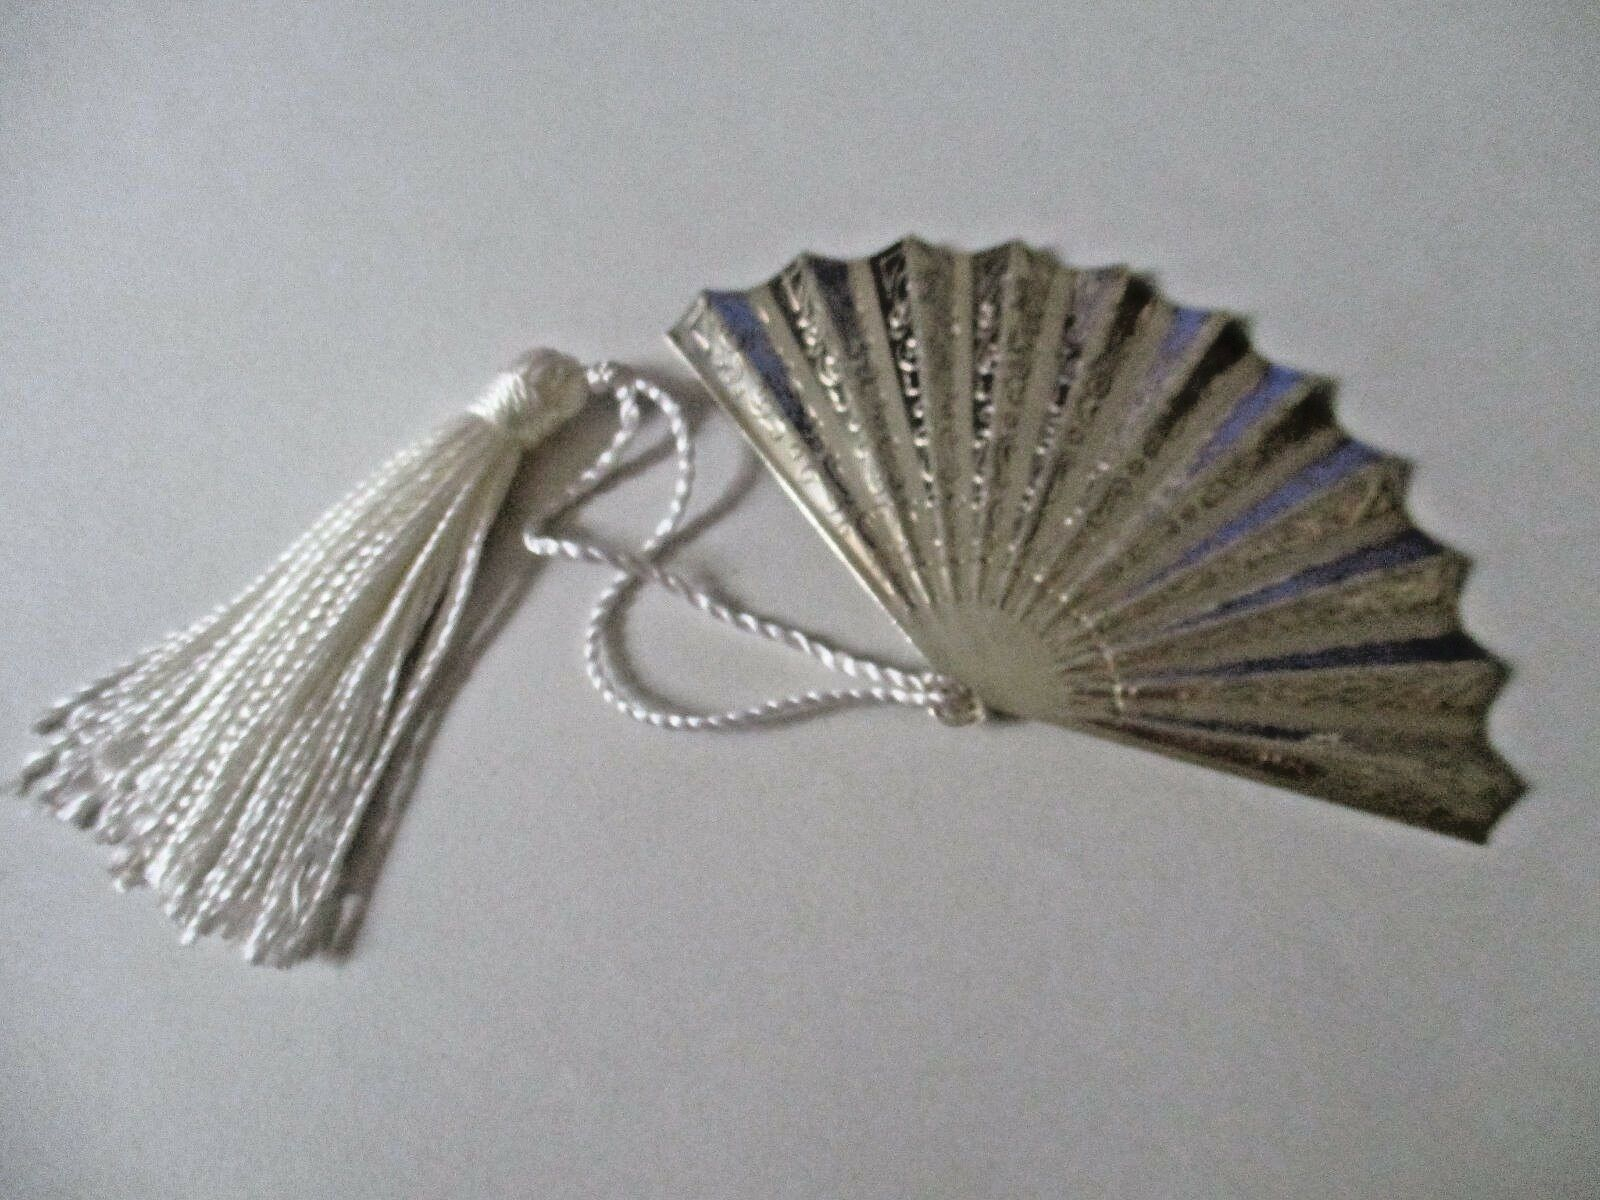 Ventagli Da Parete Decorativi ventaglio decorativo argento soprammobile decorazioni per le